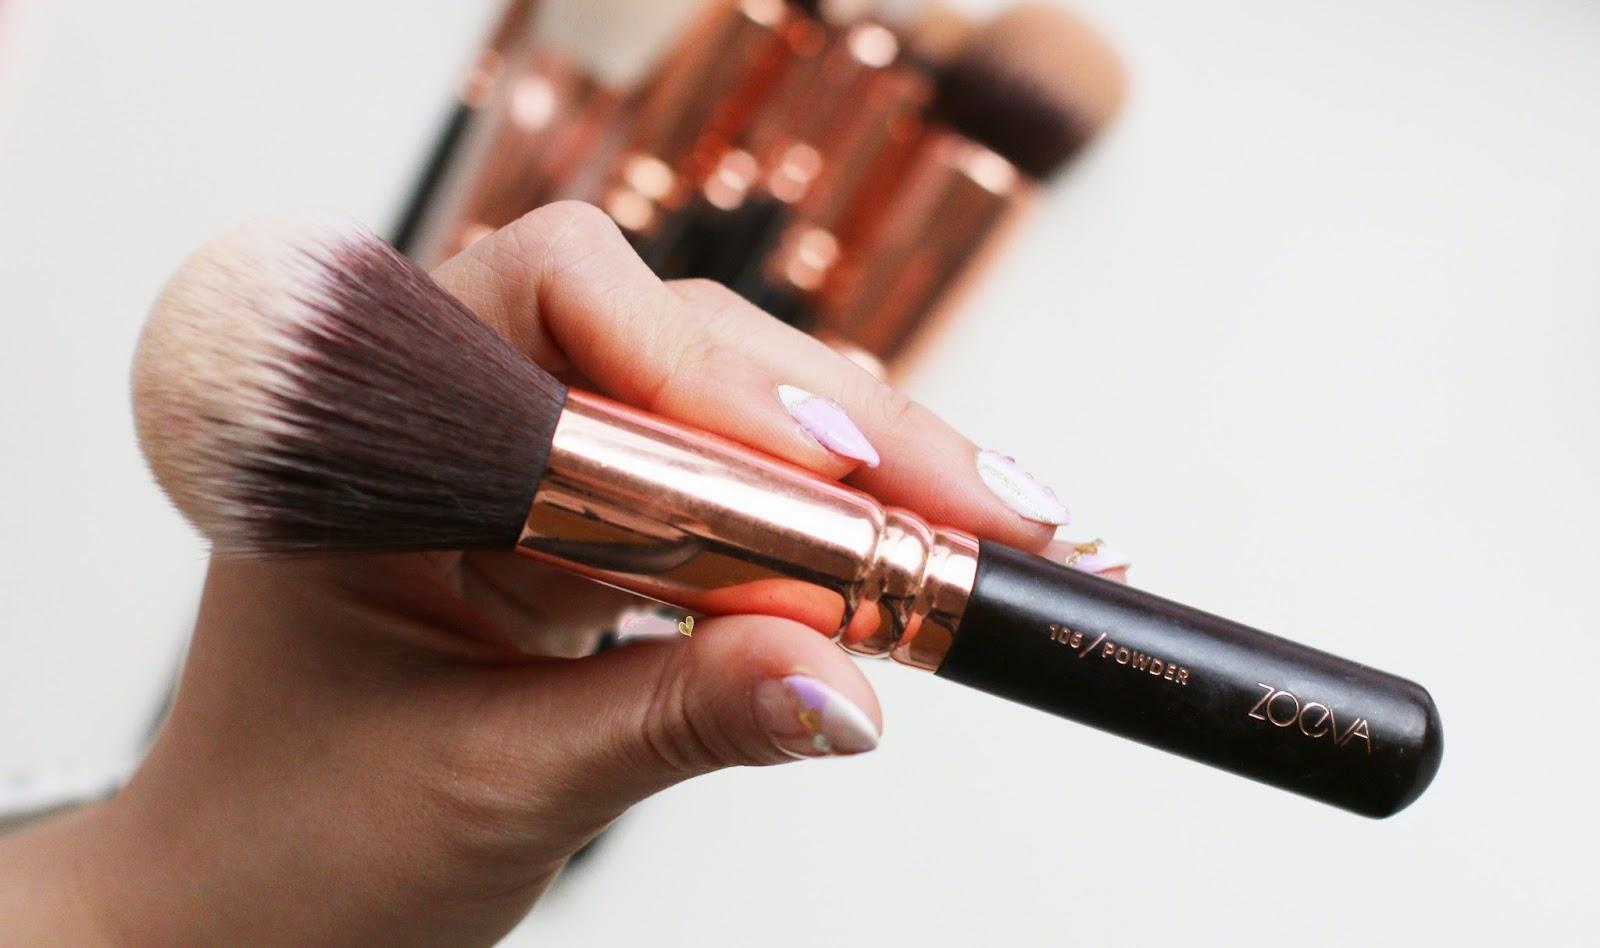 Zoeva Rose Gold 108 Powder Brush